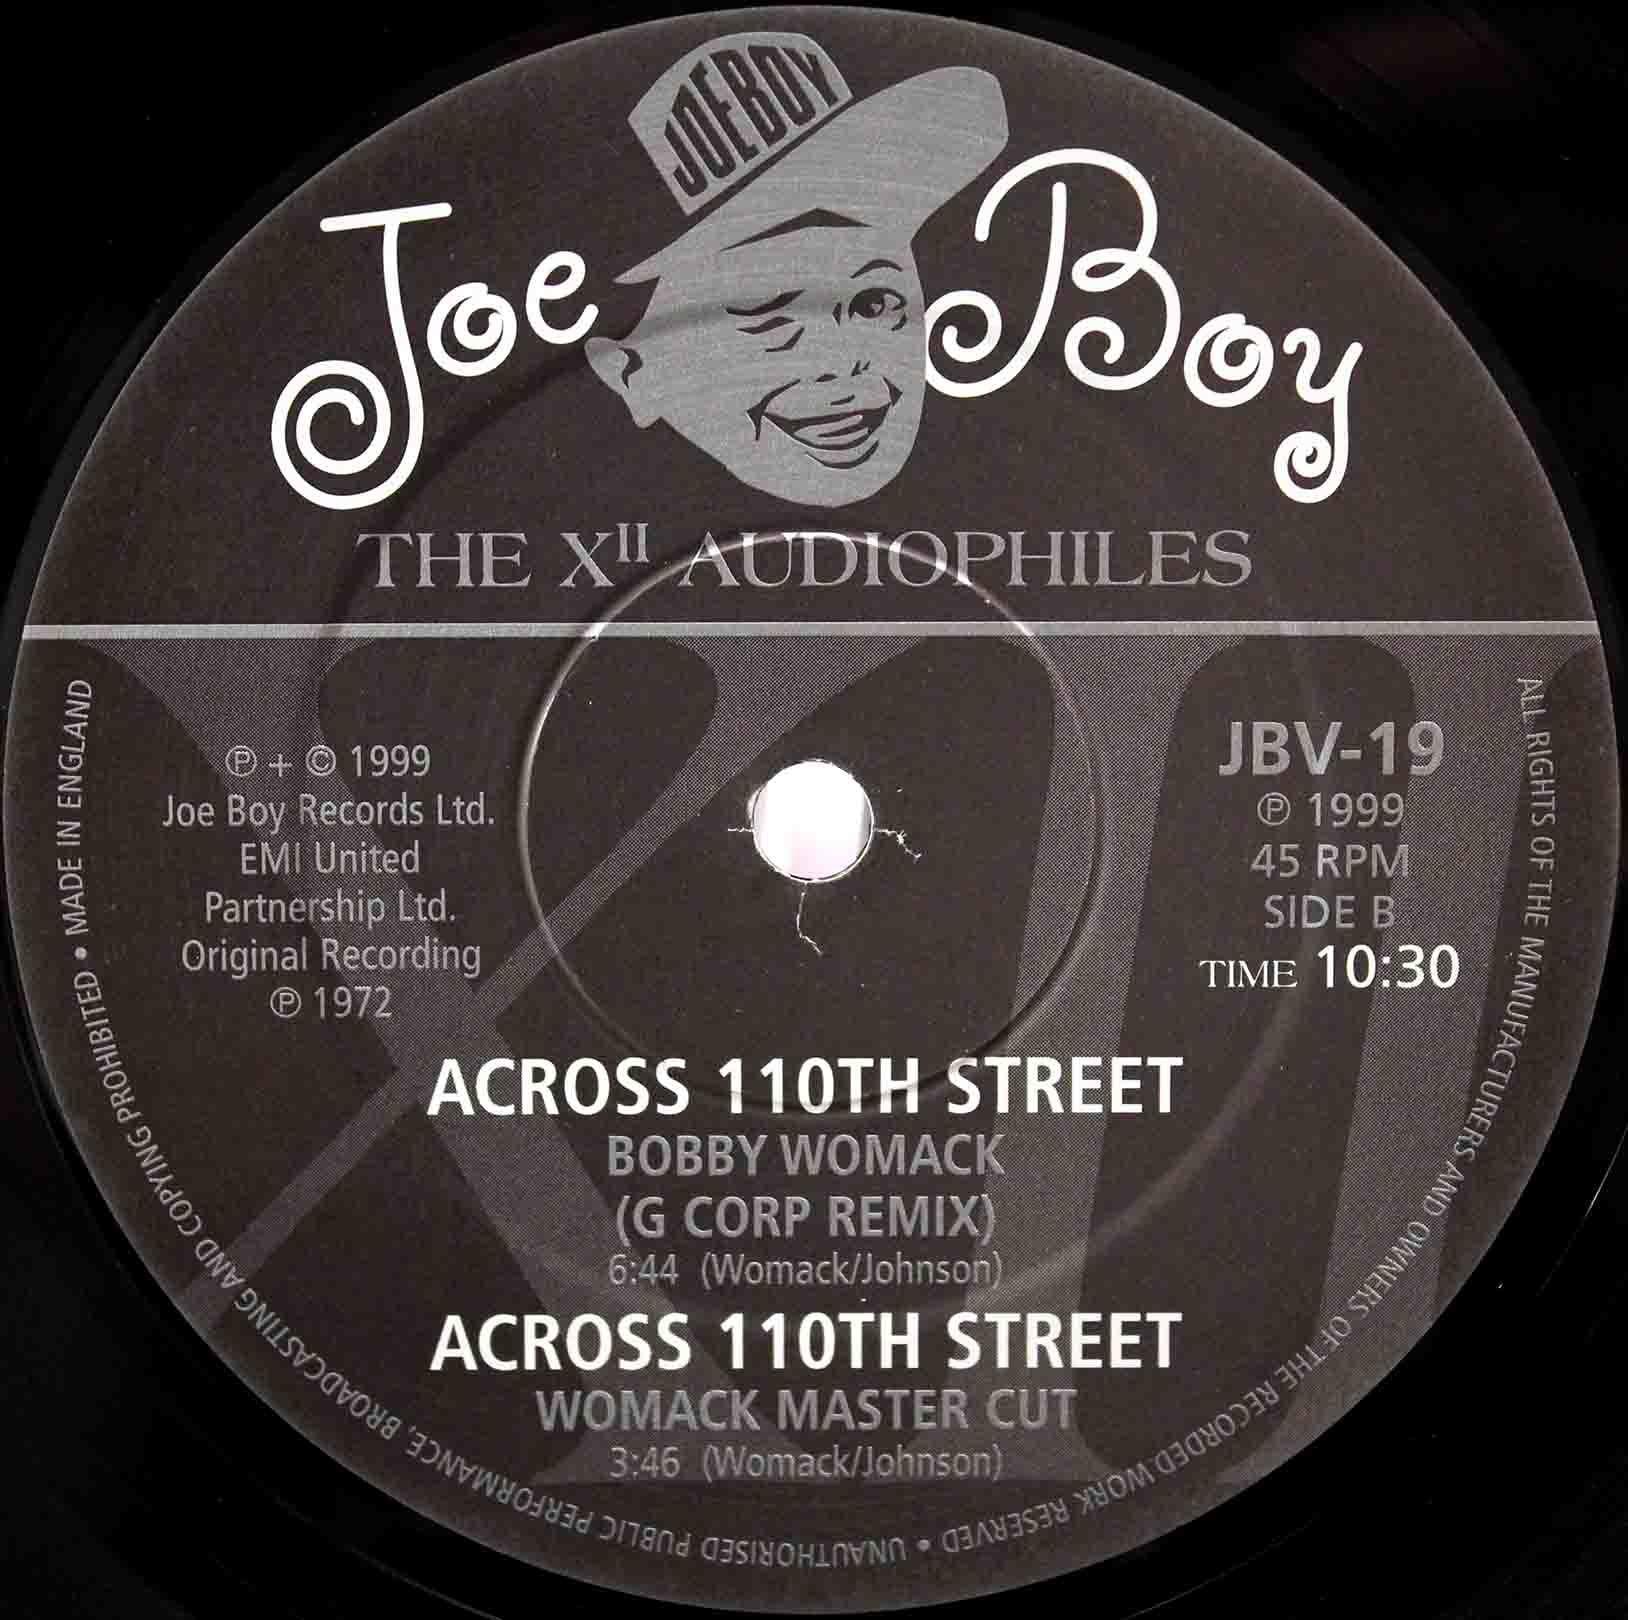 Bobby Womack - Across 110th Street 04